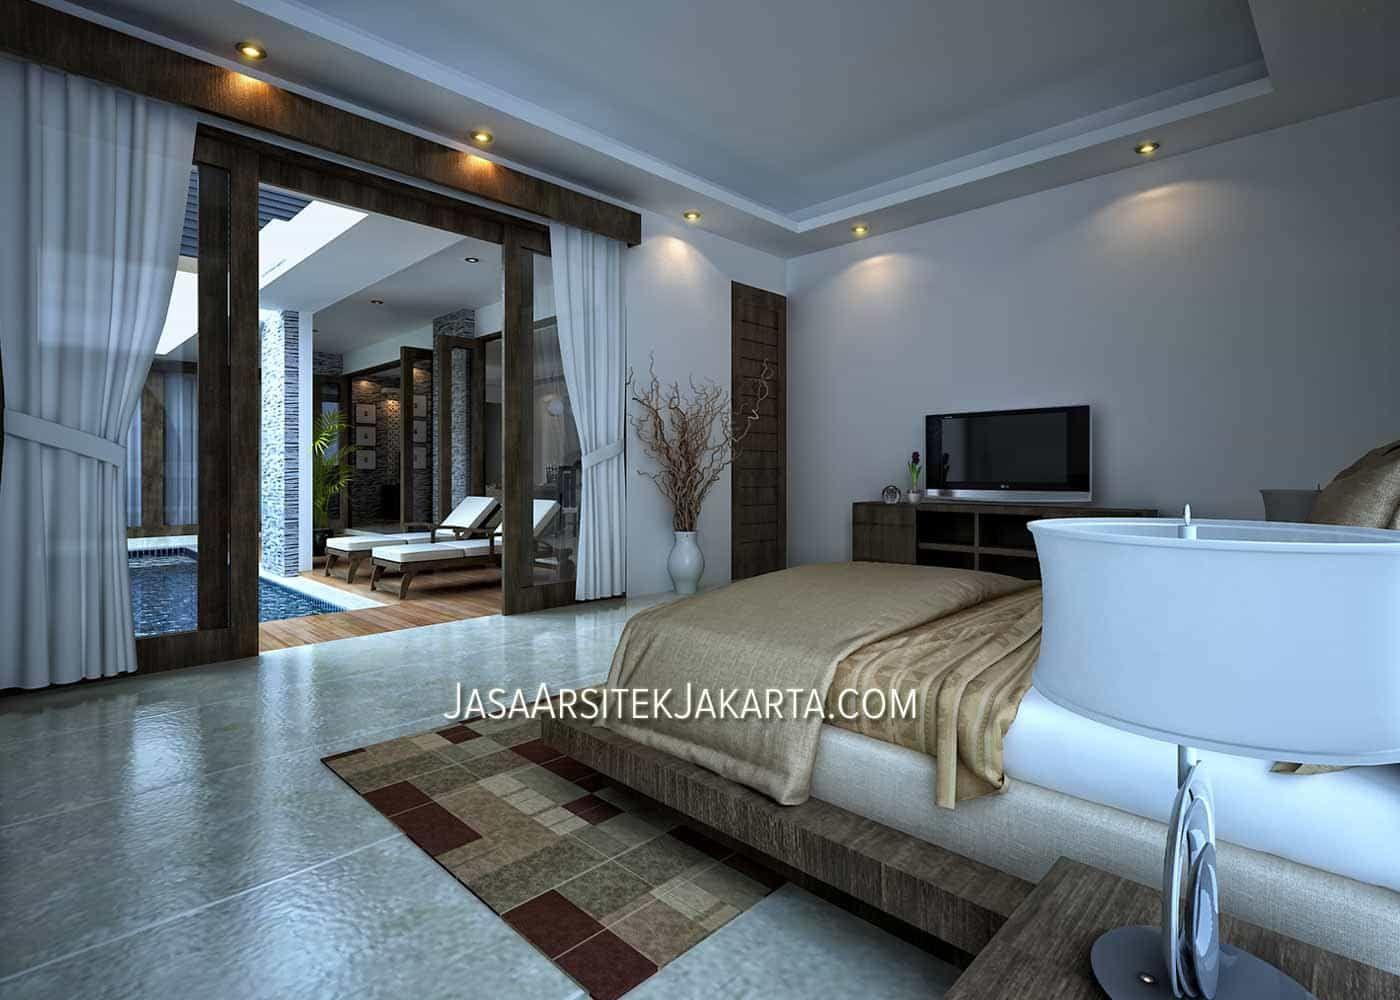 Desain Rumah 4 Kamar Luas 330 M2 Desain Rumah Desain Rumah